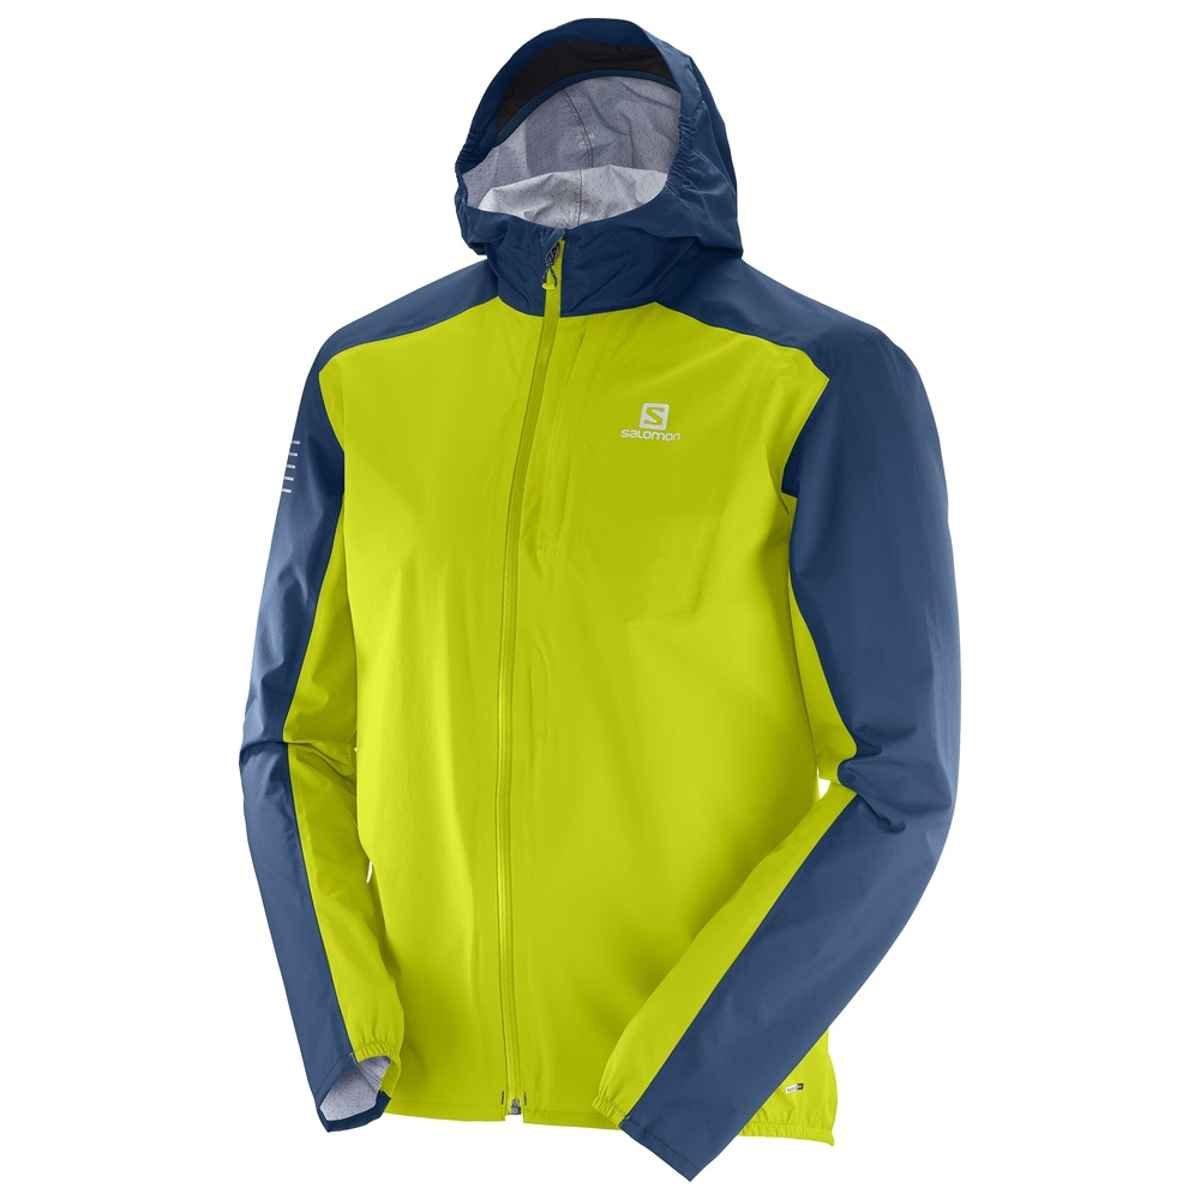 ファッションデザイナー (サロモン)SALOMON ランニングウェア Dress JP BONATTI X-Large WP B01MR7L0H9 JACKET M B01MR7L0H9 Lime Punch, Dress Blue X-Large X-Large|Lime Punch, Dress Blue, でじたみん:d4bbe941 --- ciadaterra.com